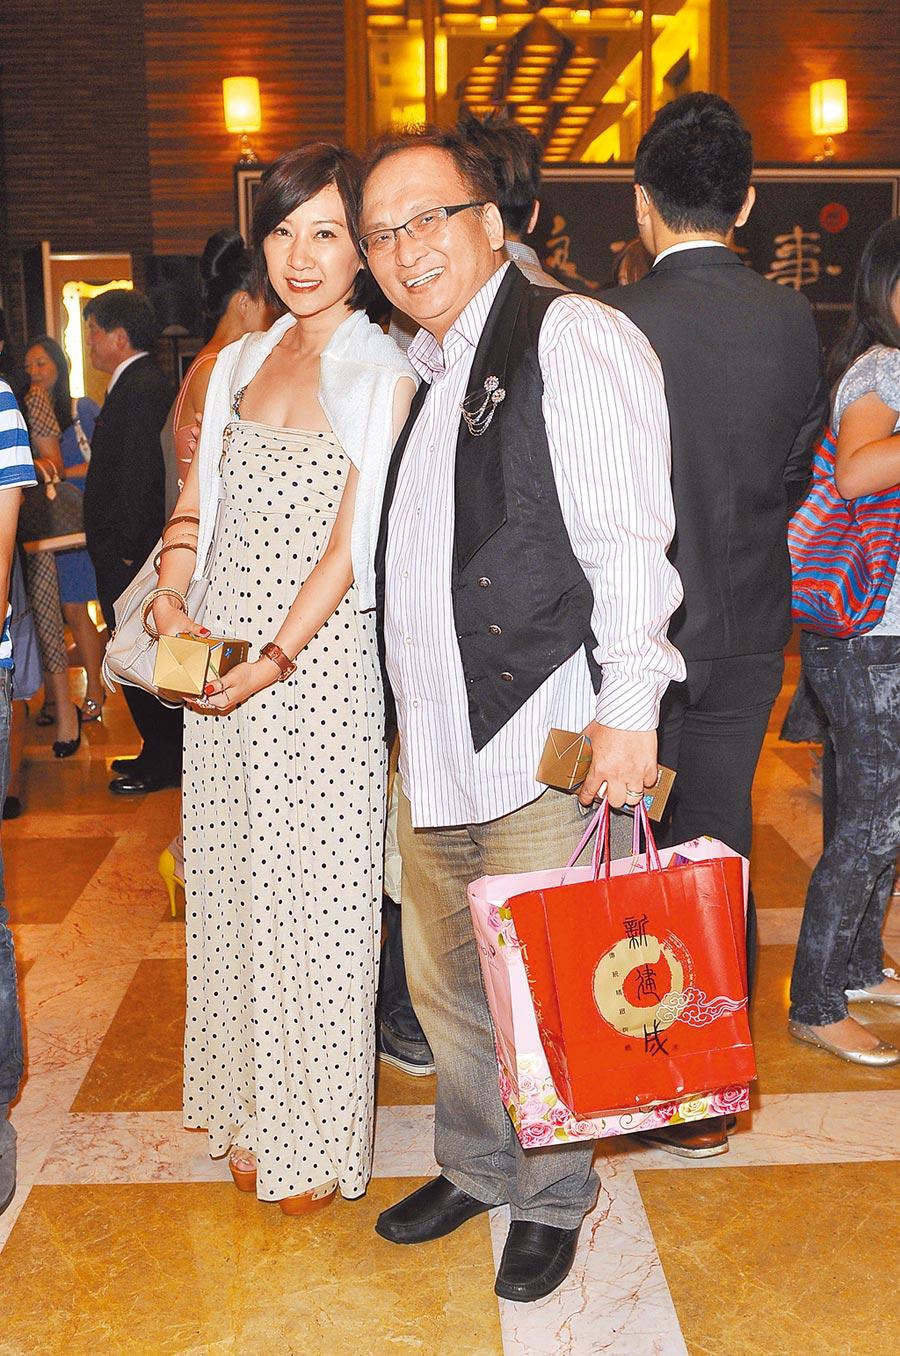 孔鏘(右)自嘆年輕為了拚事業,很少有時間陪老婆。(資料照片)